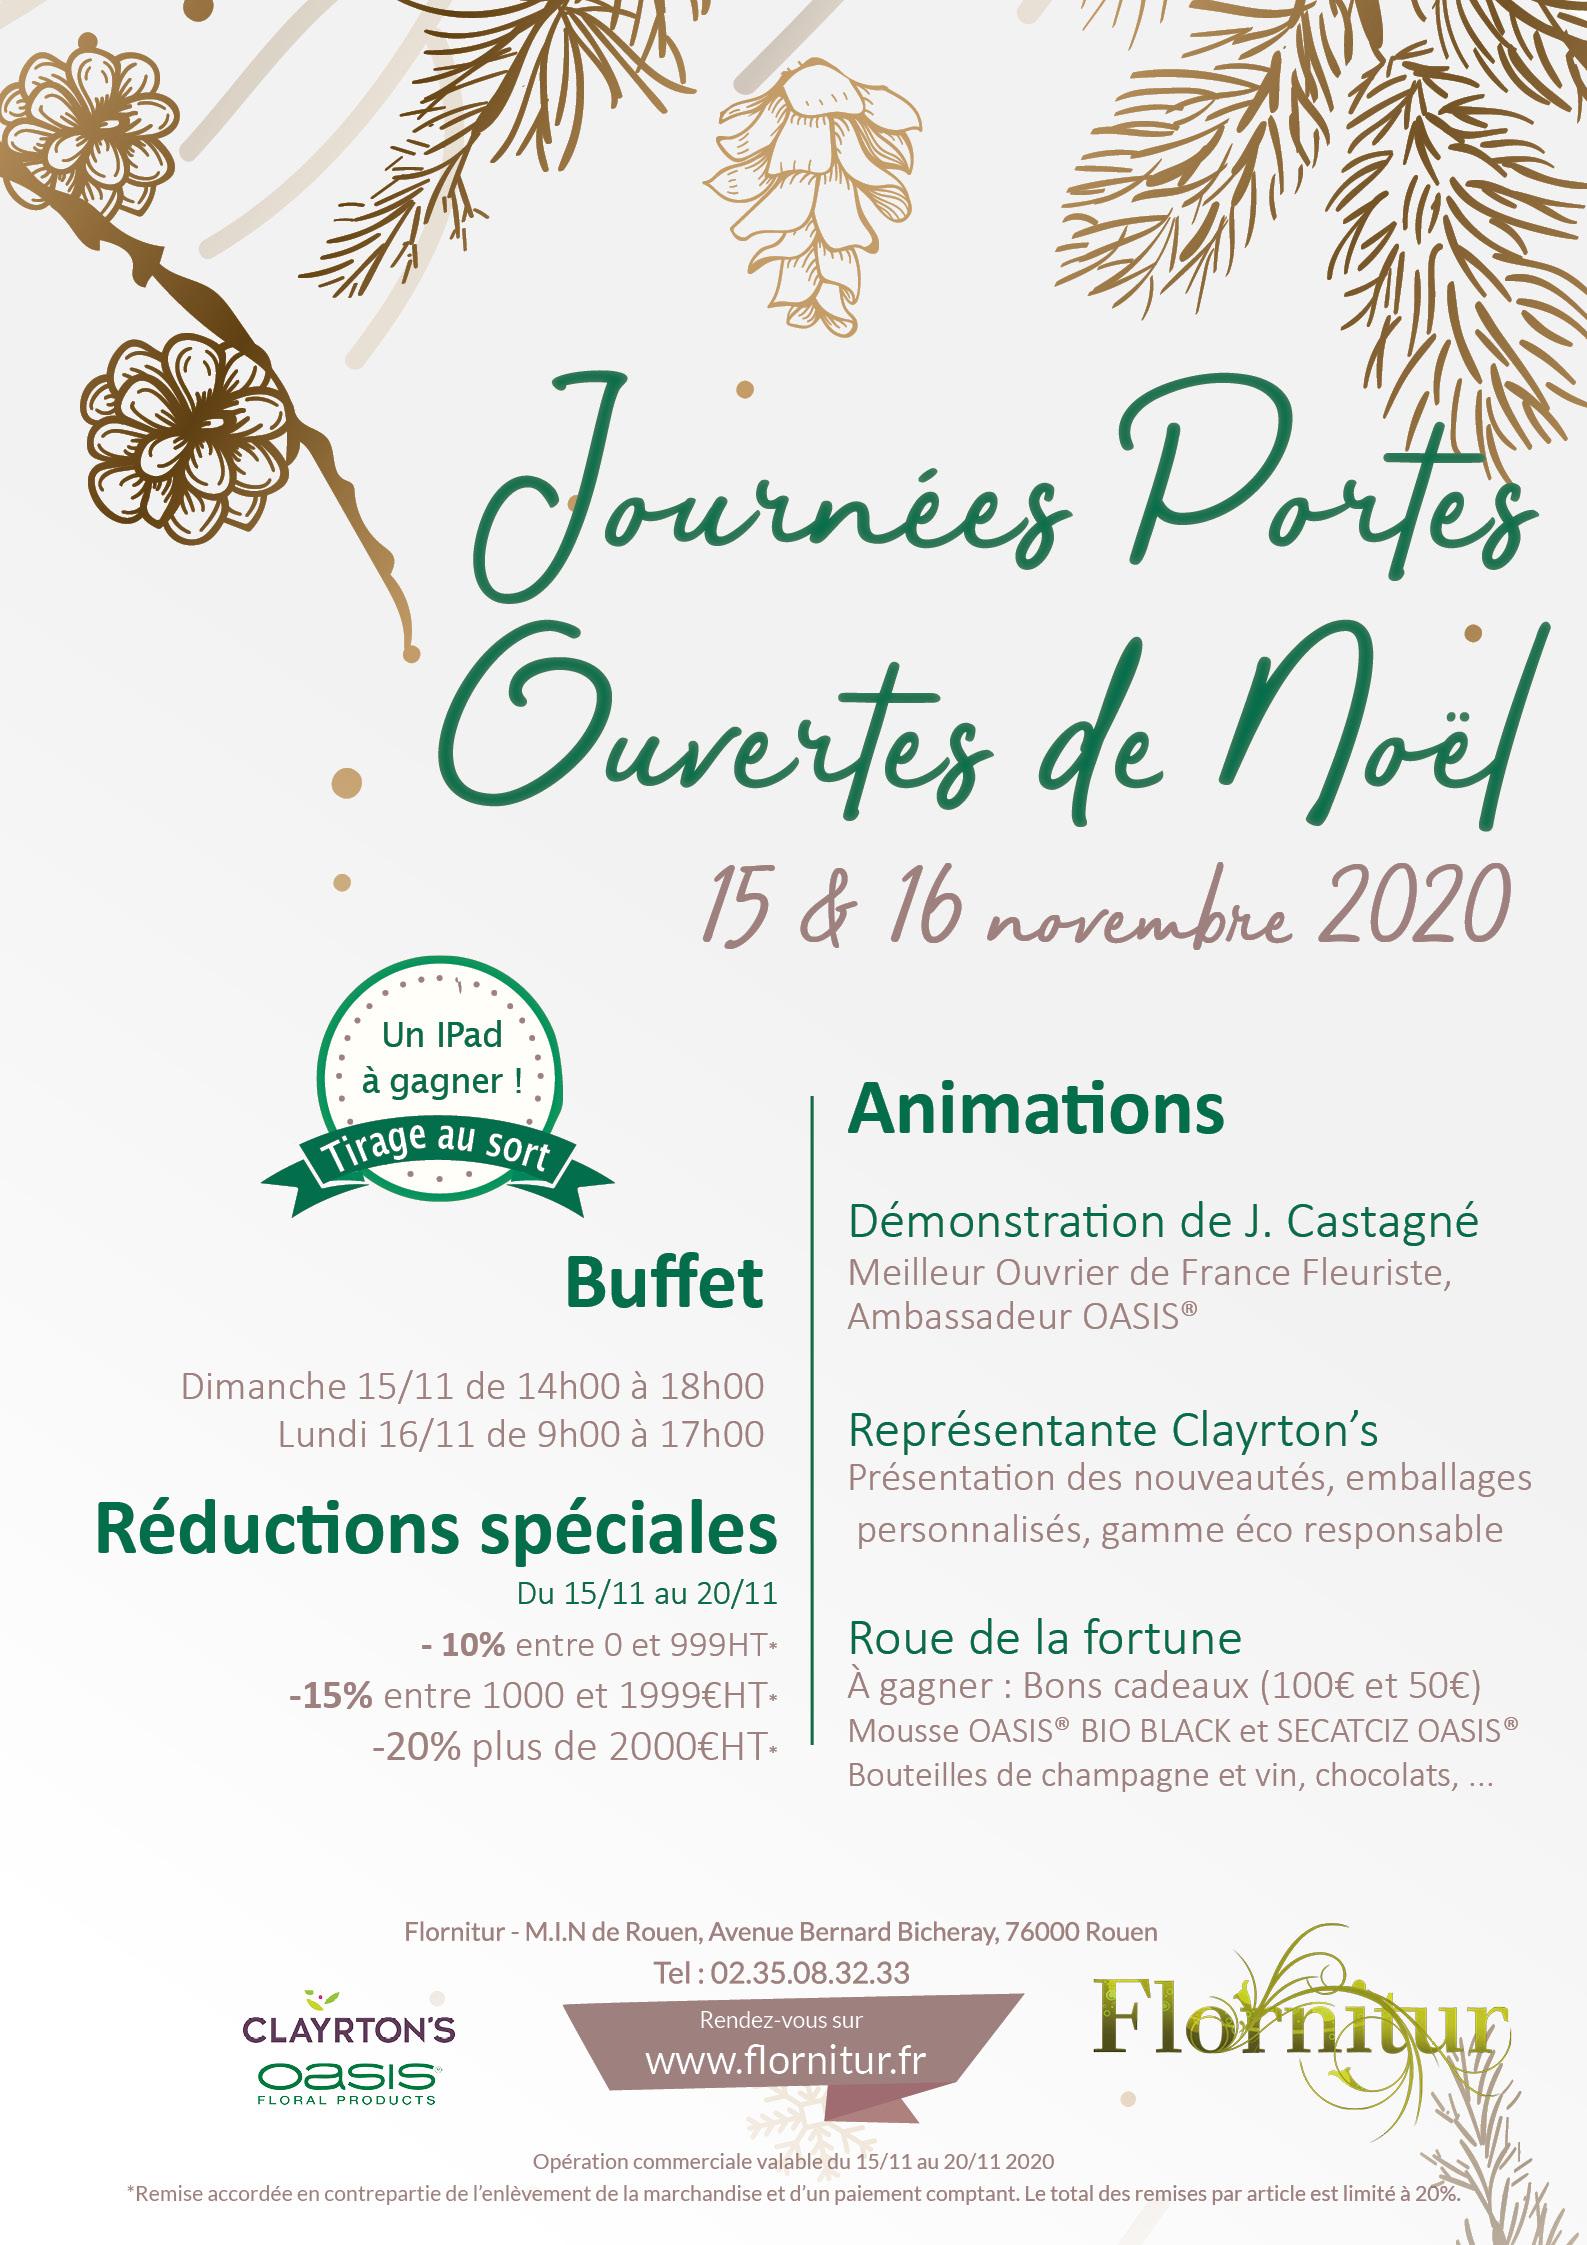 Affiche Journées Portes ouvertes de Noël  2020 Flornitur